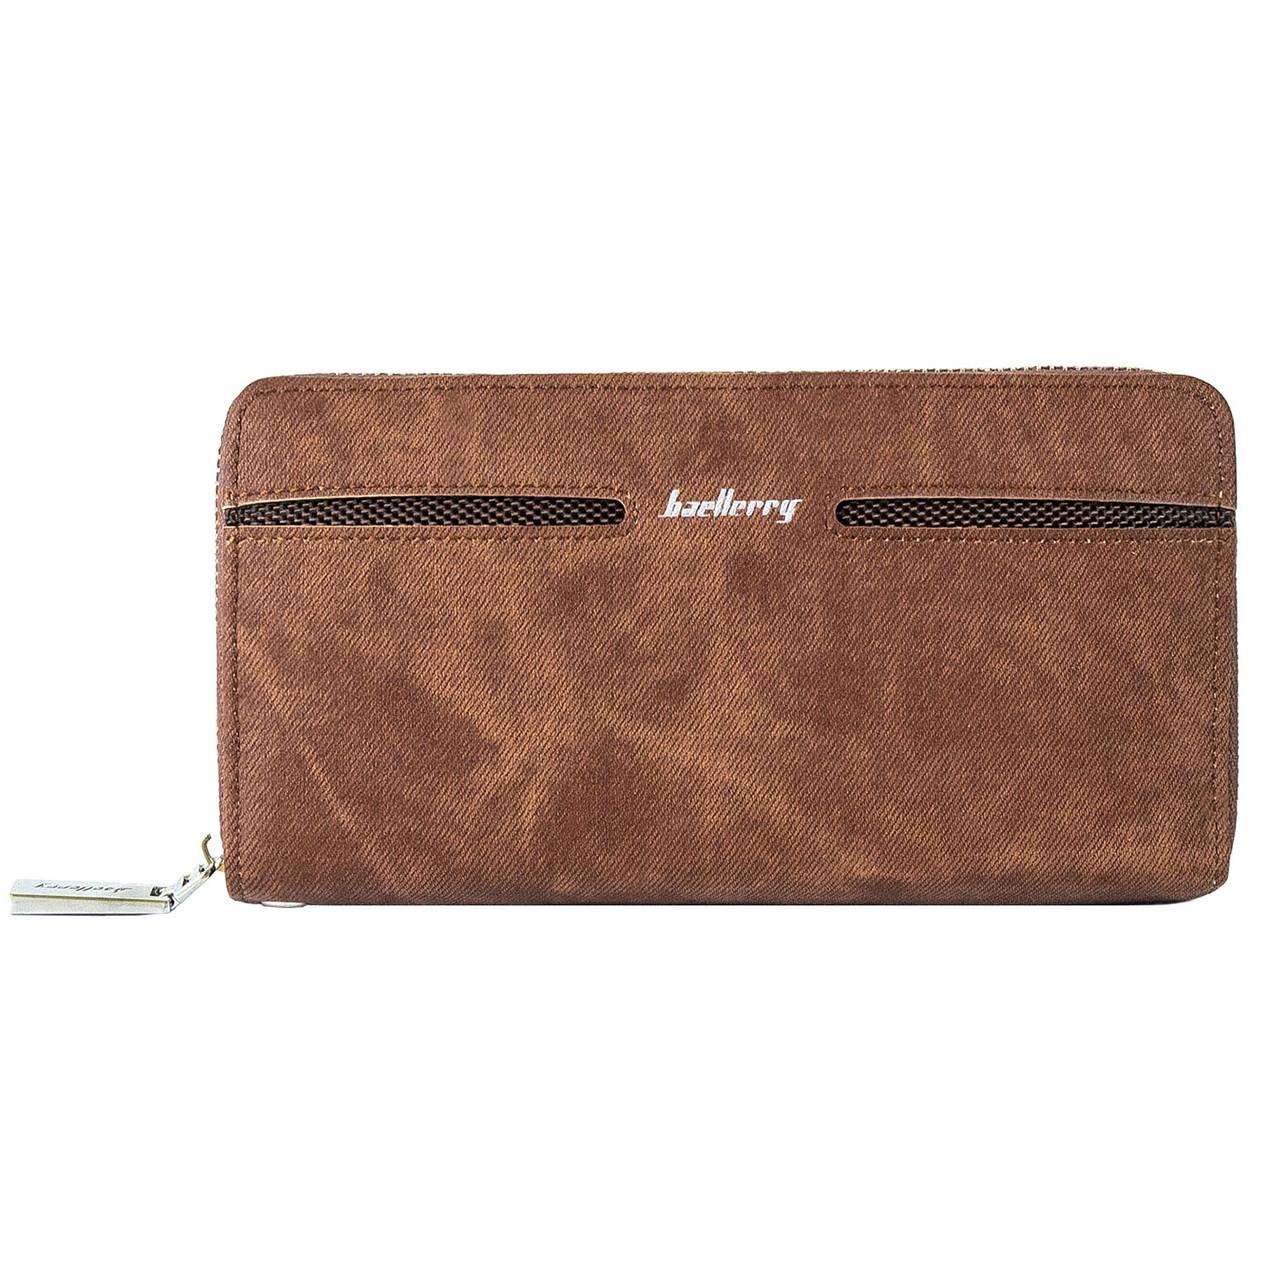 Портмоне, кошелек мужской Baellerry Denim S1512 коричневый